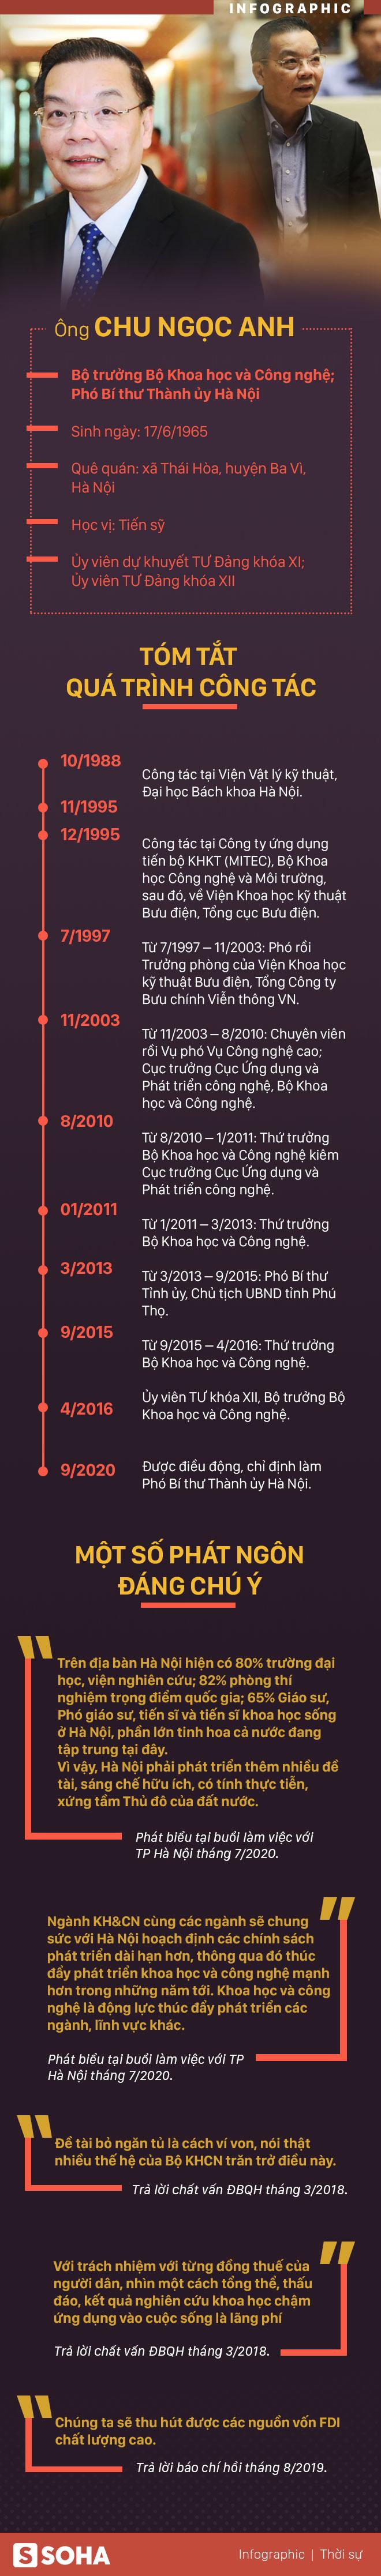 Con đường, sự nghiệp của tân Phó Bí thư Thành ủy Hà Nội Chu Ngọc Anh - Ảnh 1.